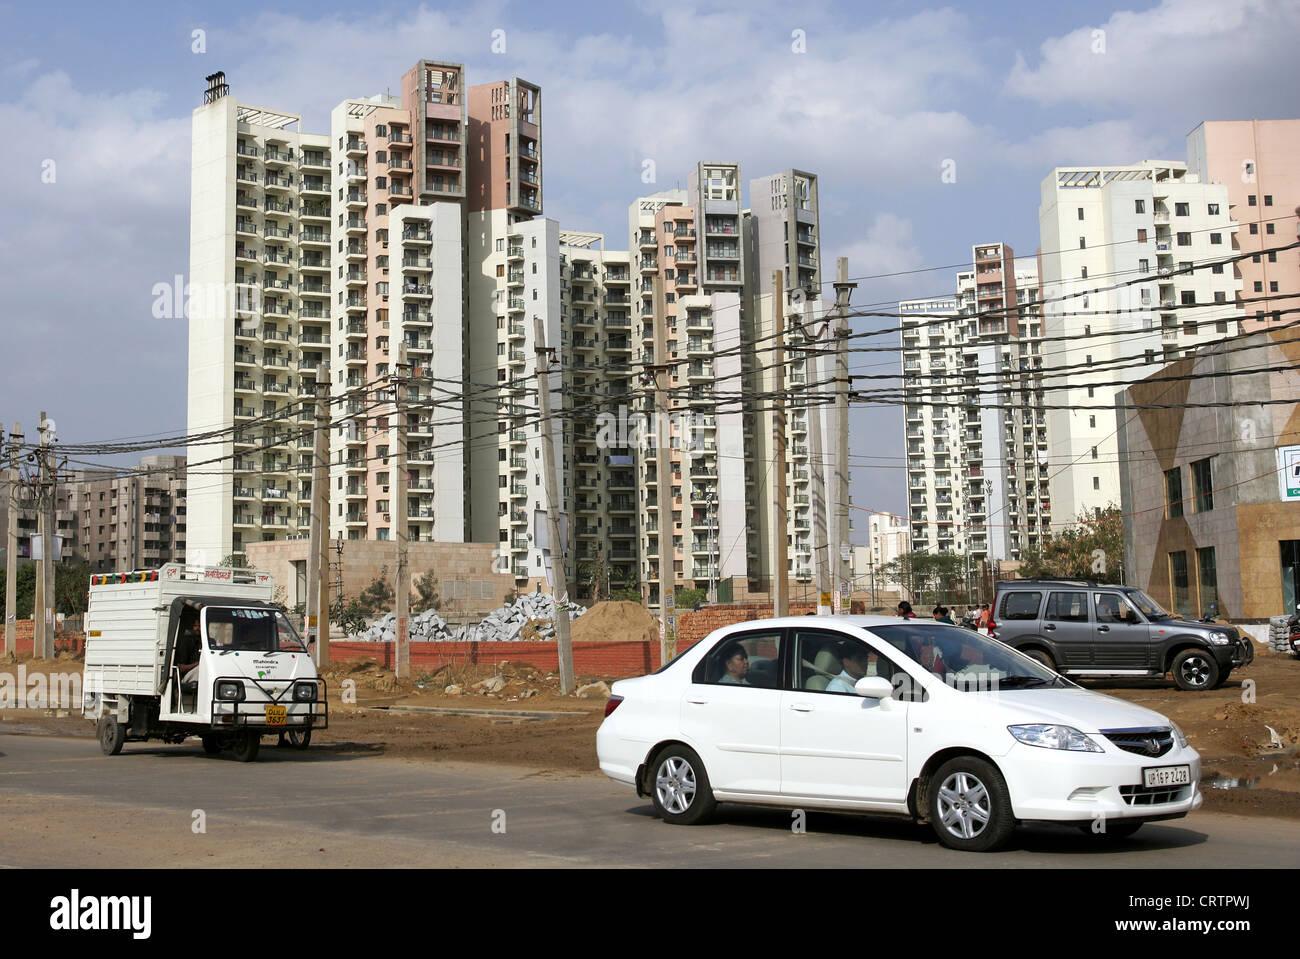 De nouveaux bâtiments pour la classe moyenne à New Delhi, Inde Photo Stock